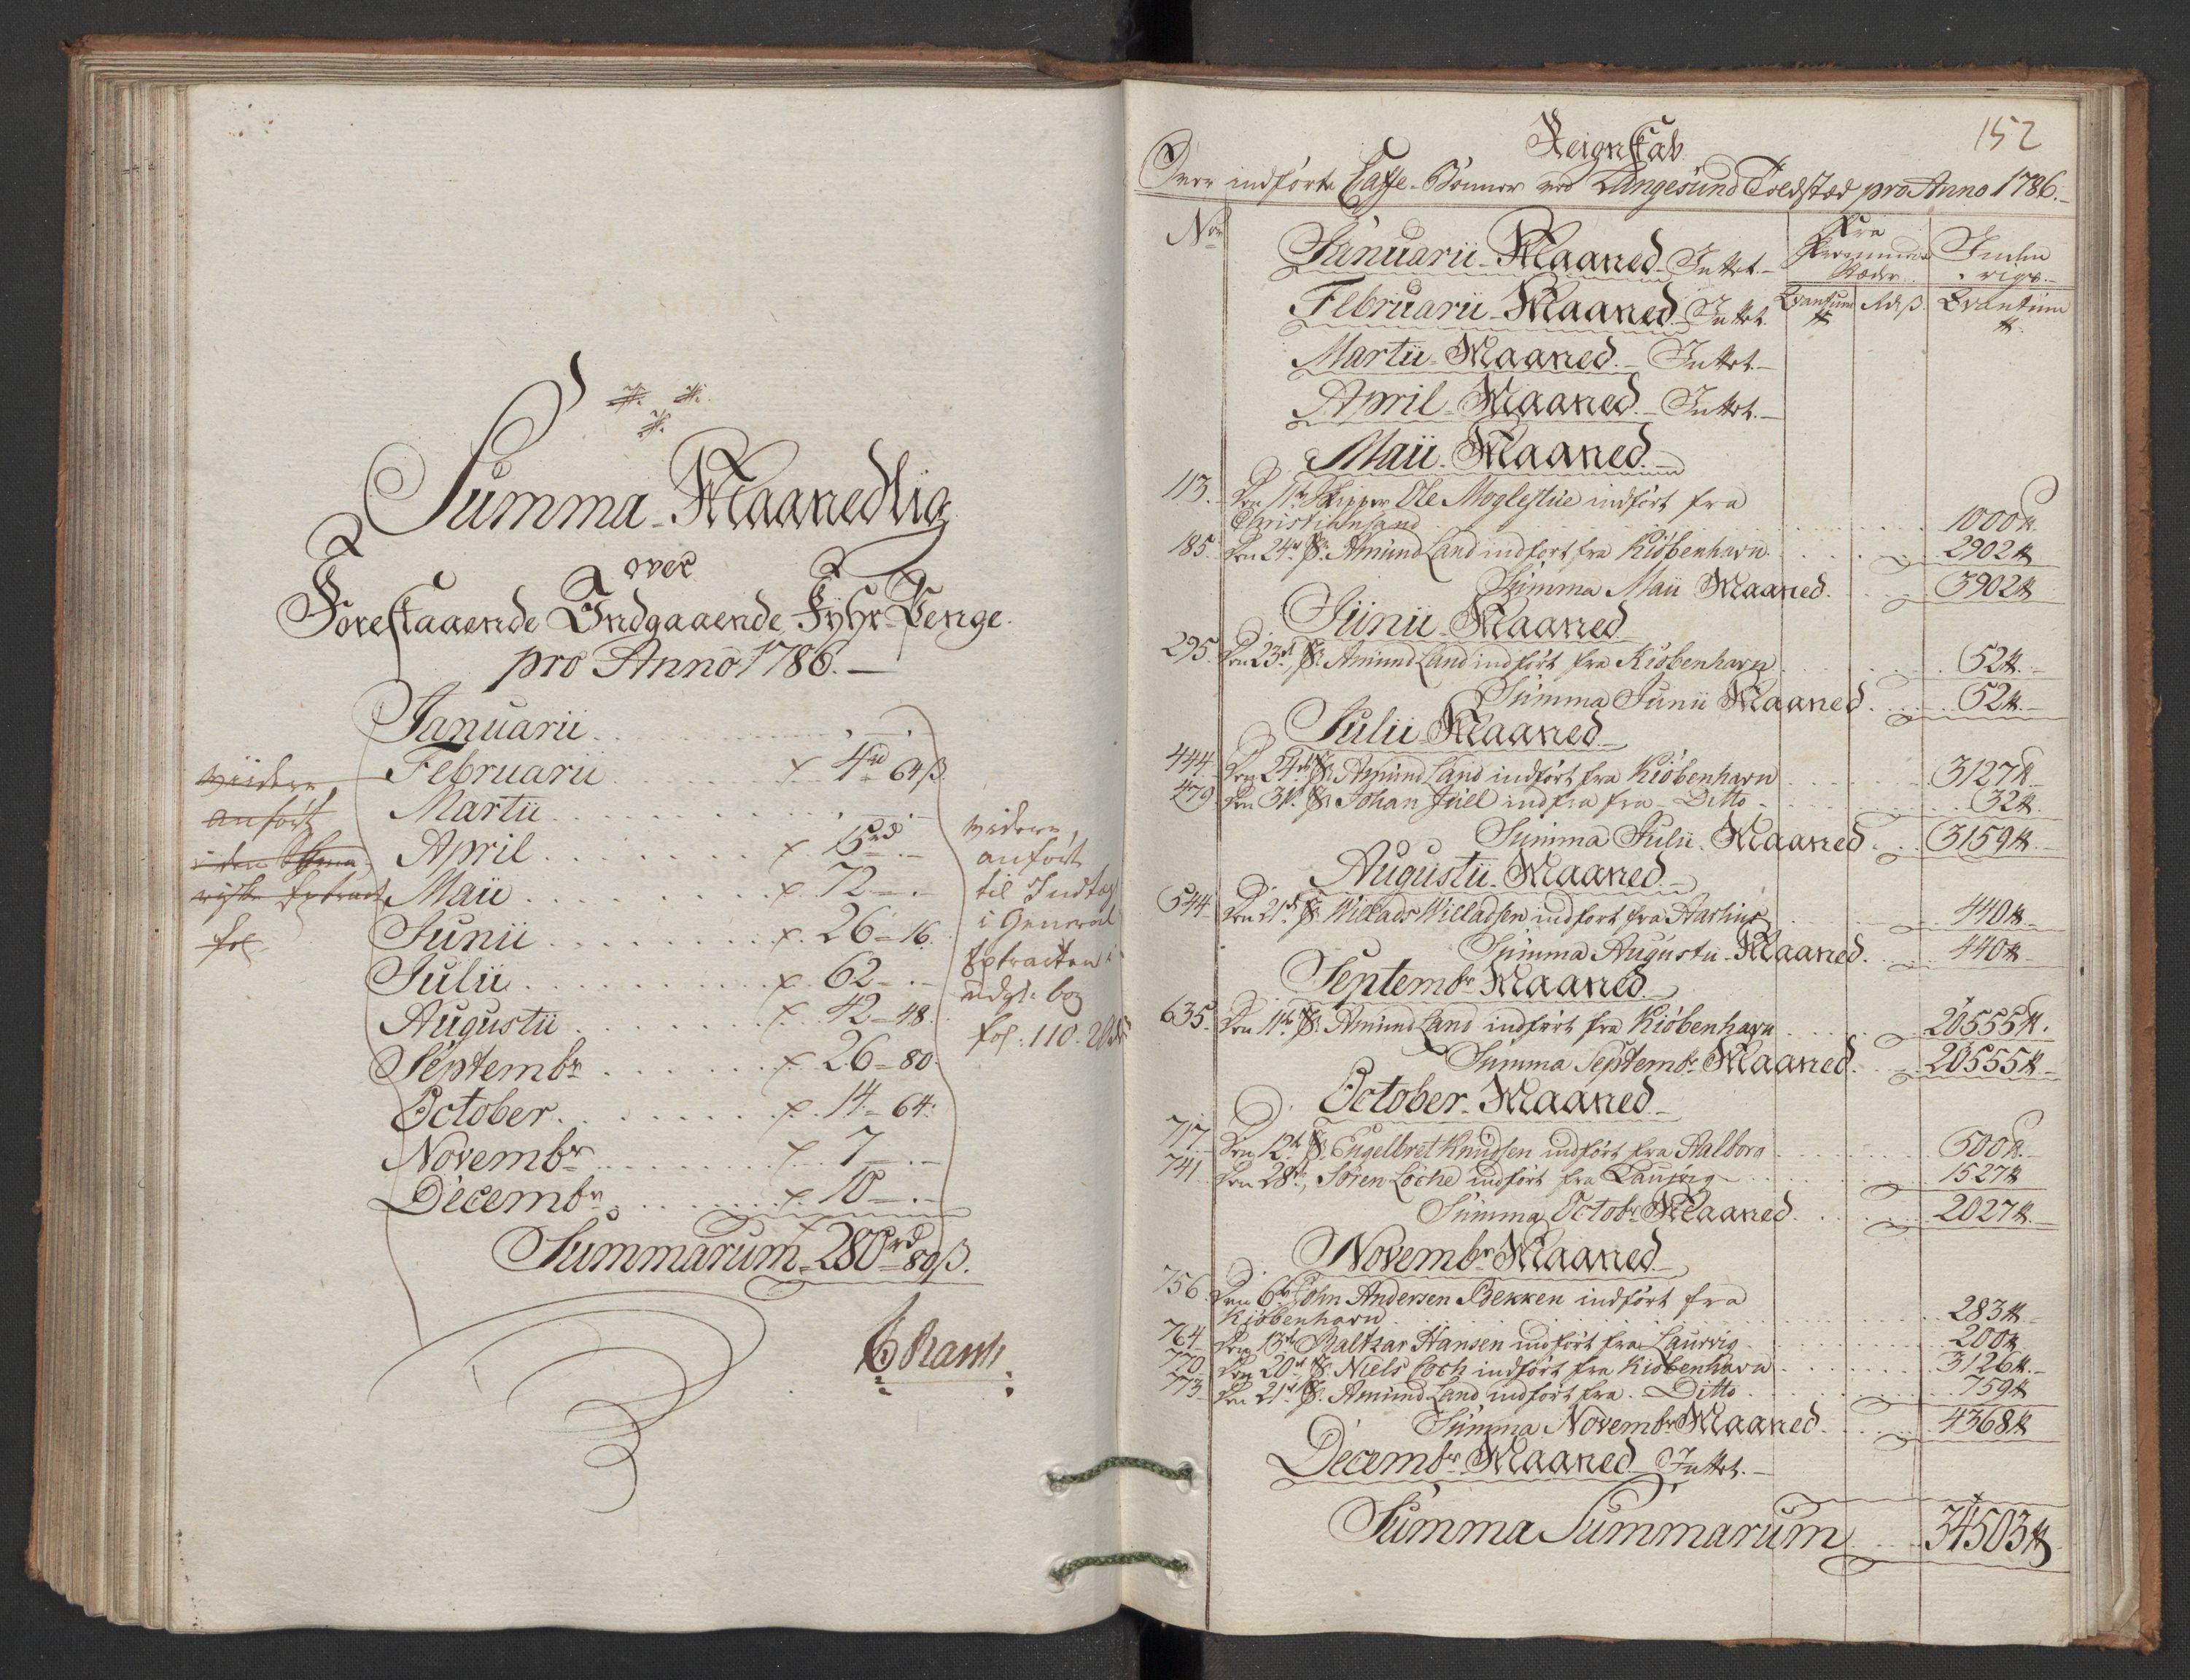 RA, Generaltollkammeret, tollregnskaper, R12/L0118: Tollregnskaper Langesund, 1786, p. 151b-152a